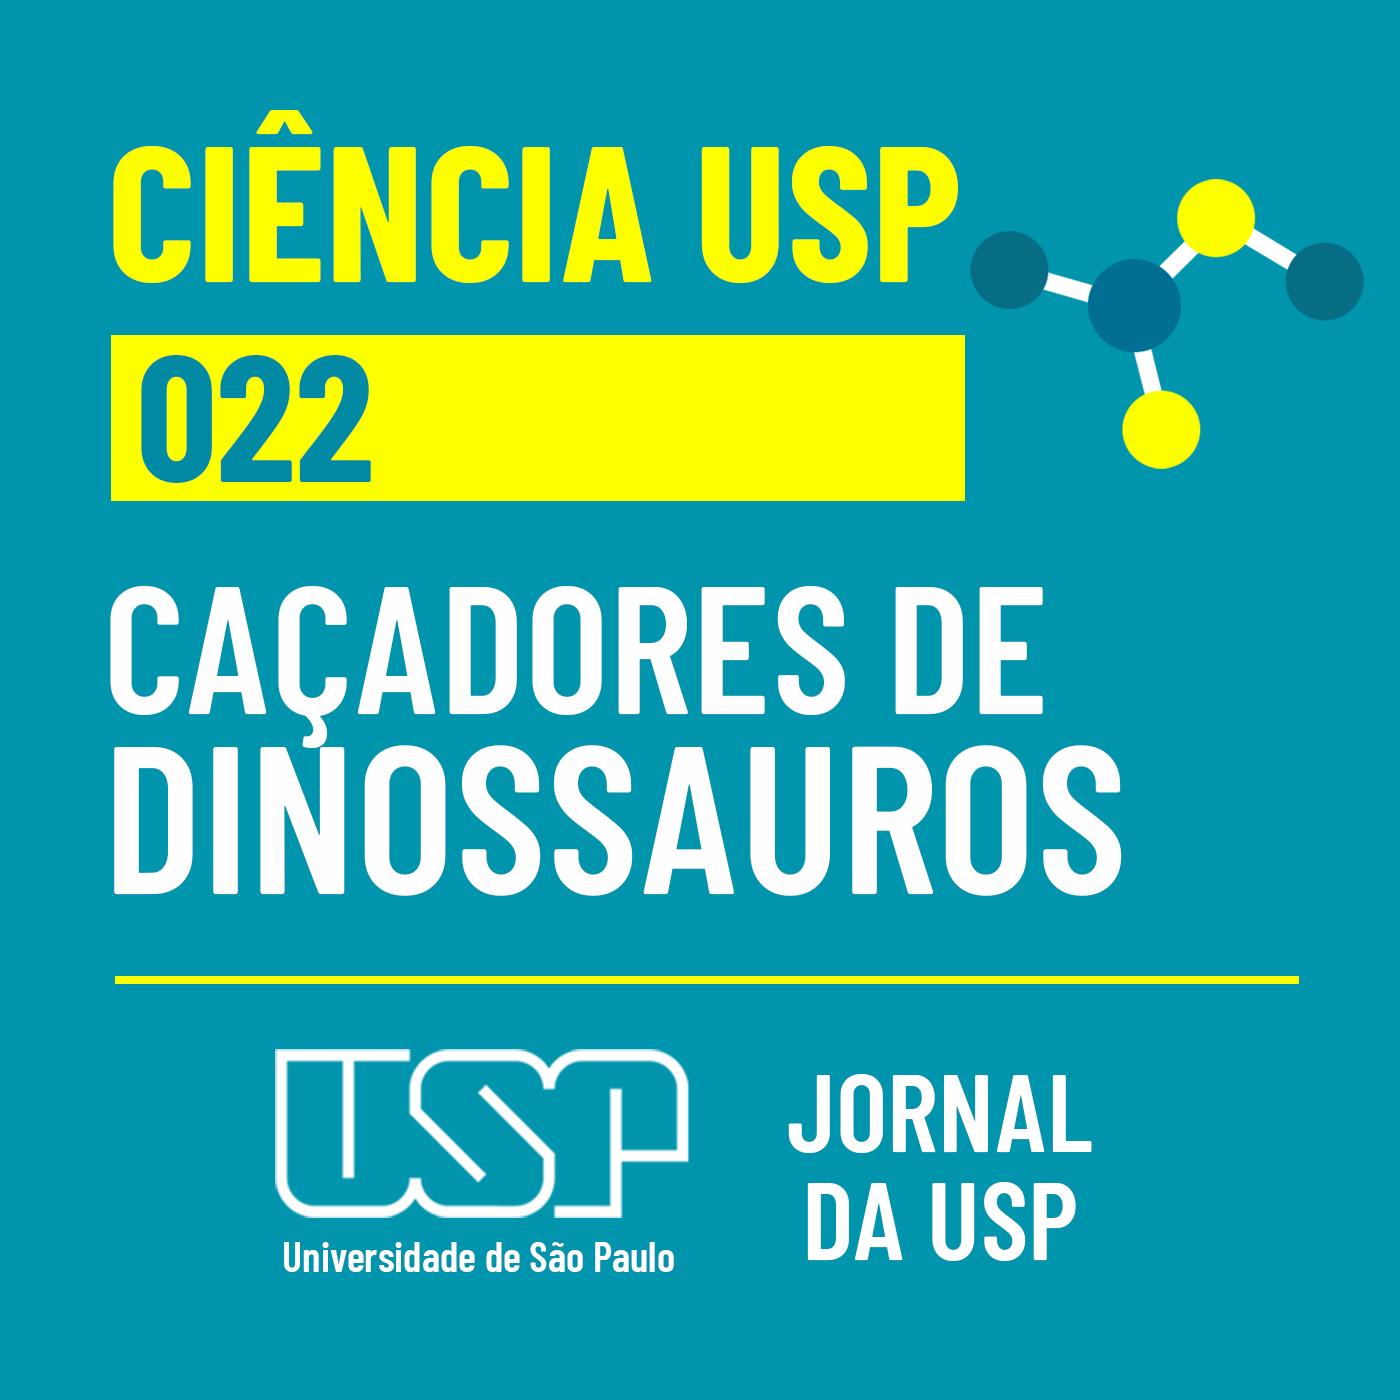 Ciência USP #22: Procurando dinossauros no interior do Brasil